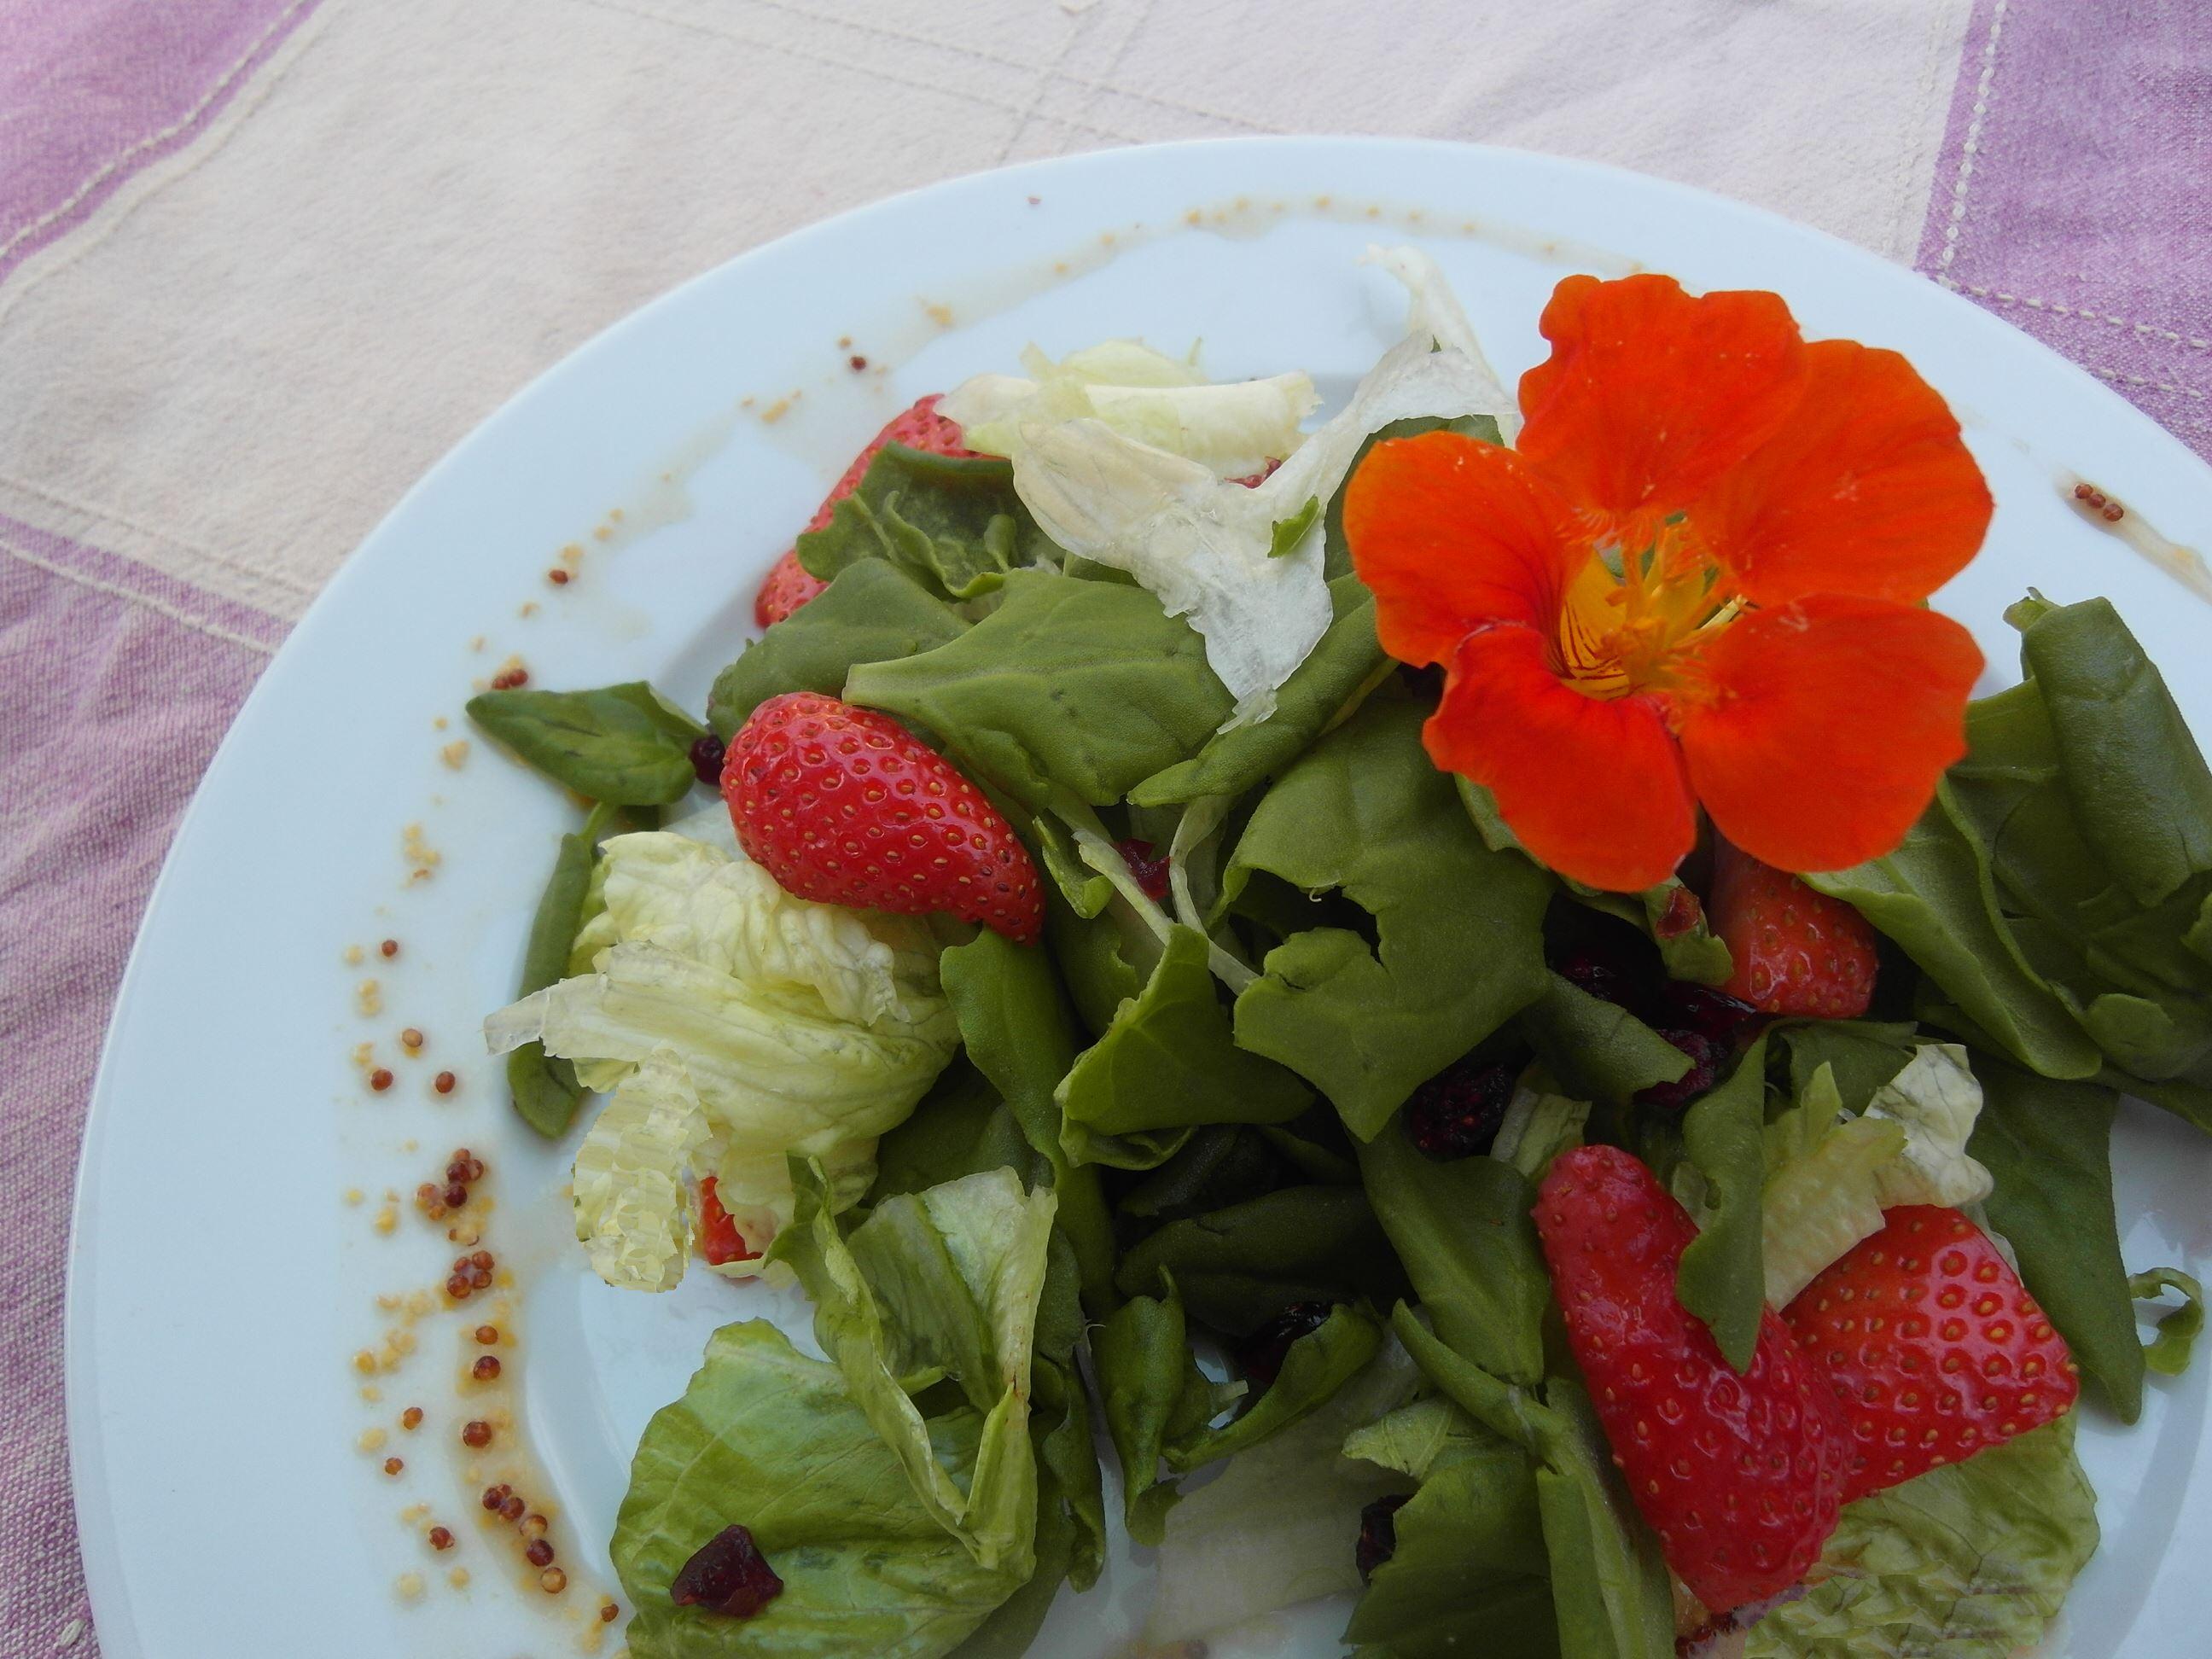 סלט תרד-תותים-חמוציות יום עצמאות טבעוני - מתכונים טבעוניים של השוחטת הטבעונית יעלי שוחט 1